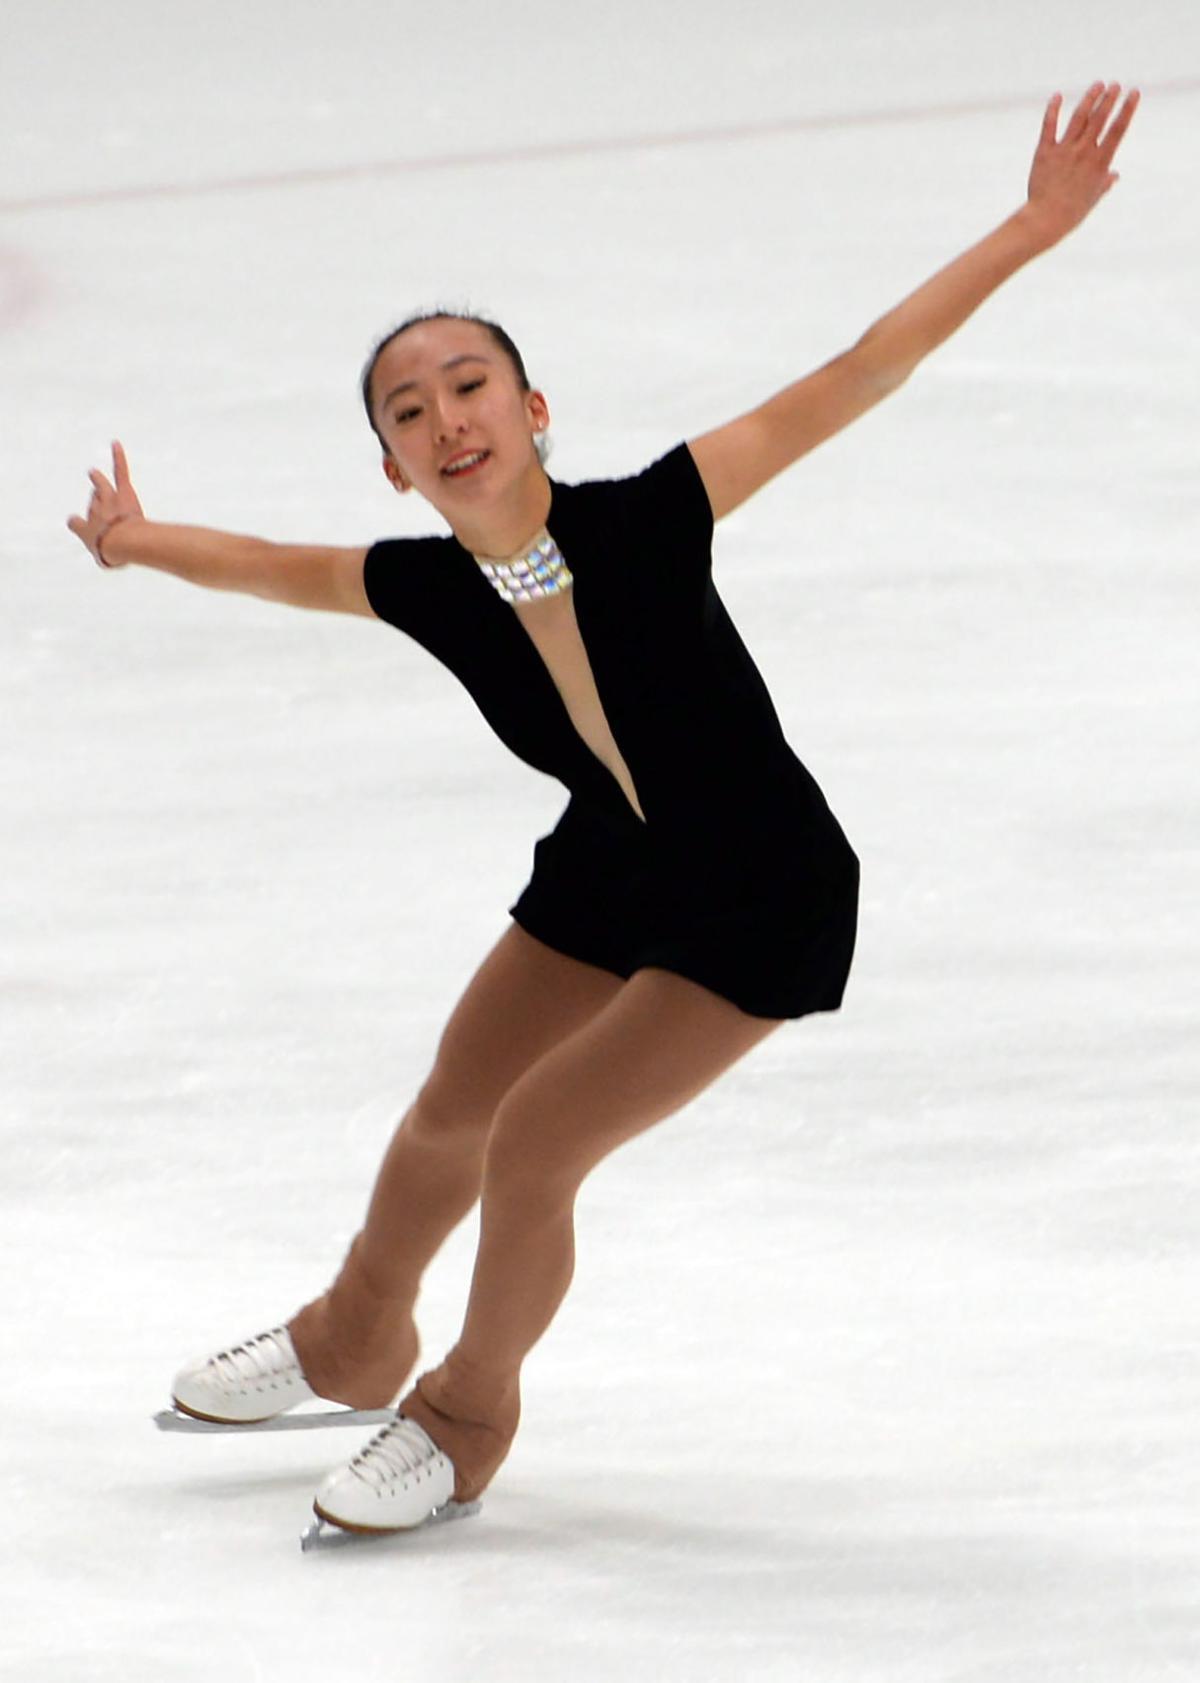 zhu skating